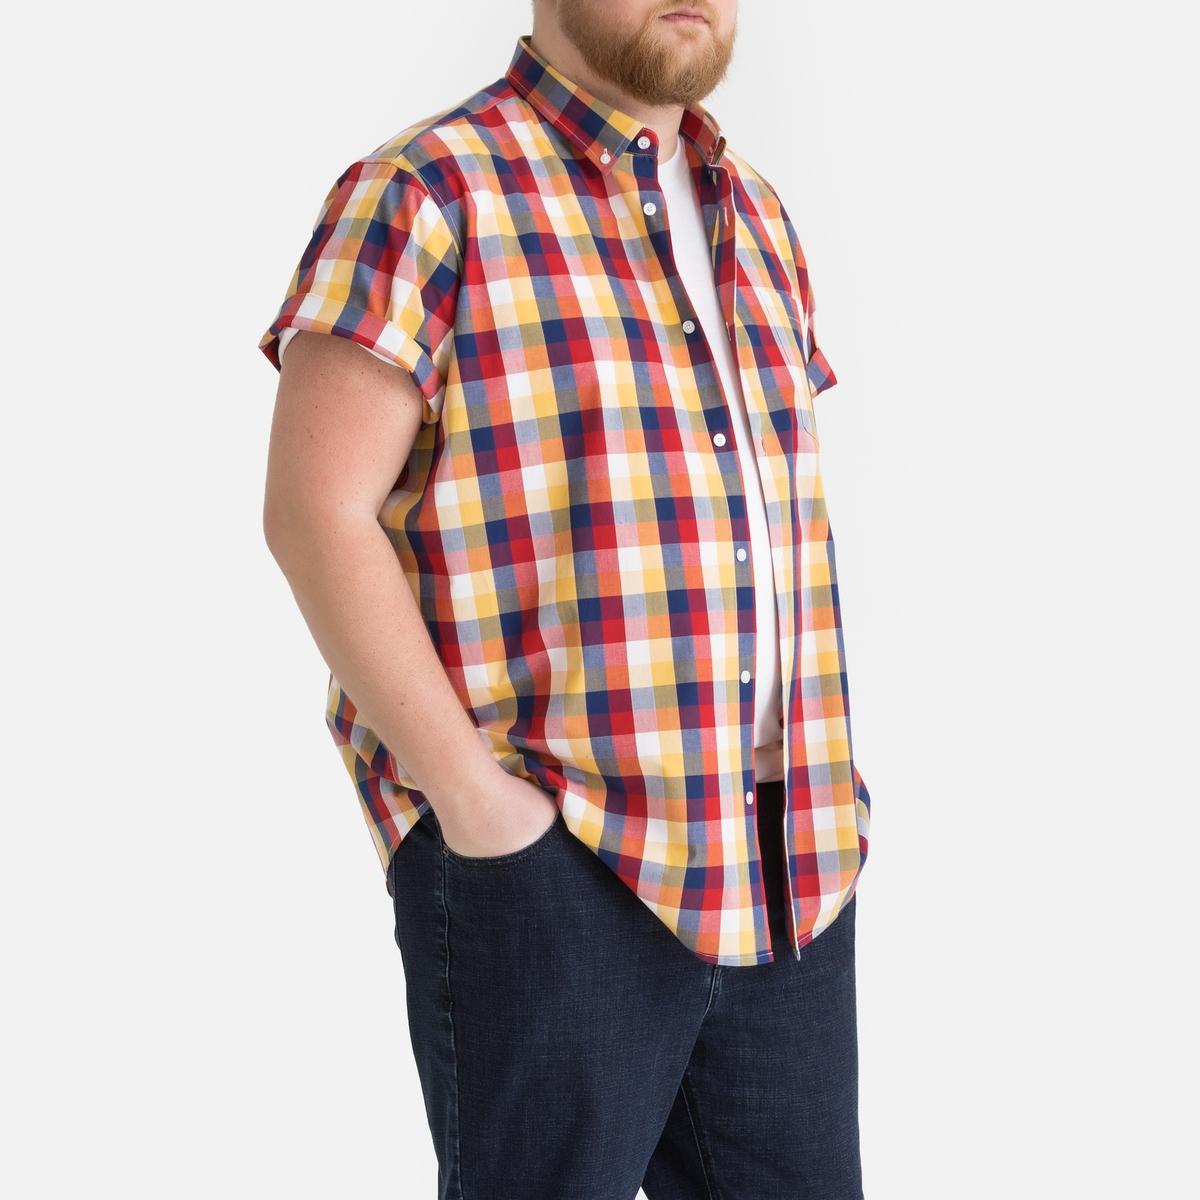 Рубашка La Redoute В клетку прямого покроя с короткими рукавами 51/52 синий рубашка la redoute прямого покроя в клетку с длинными рукавами 45 46 серый